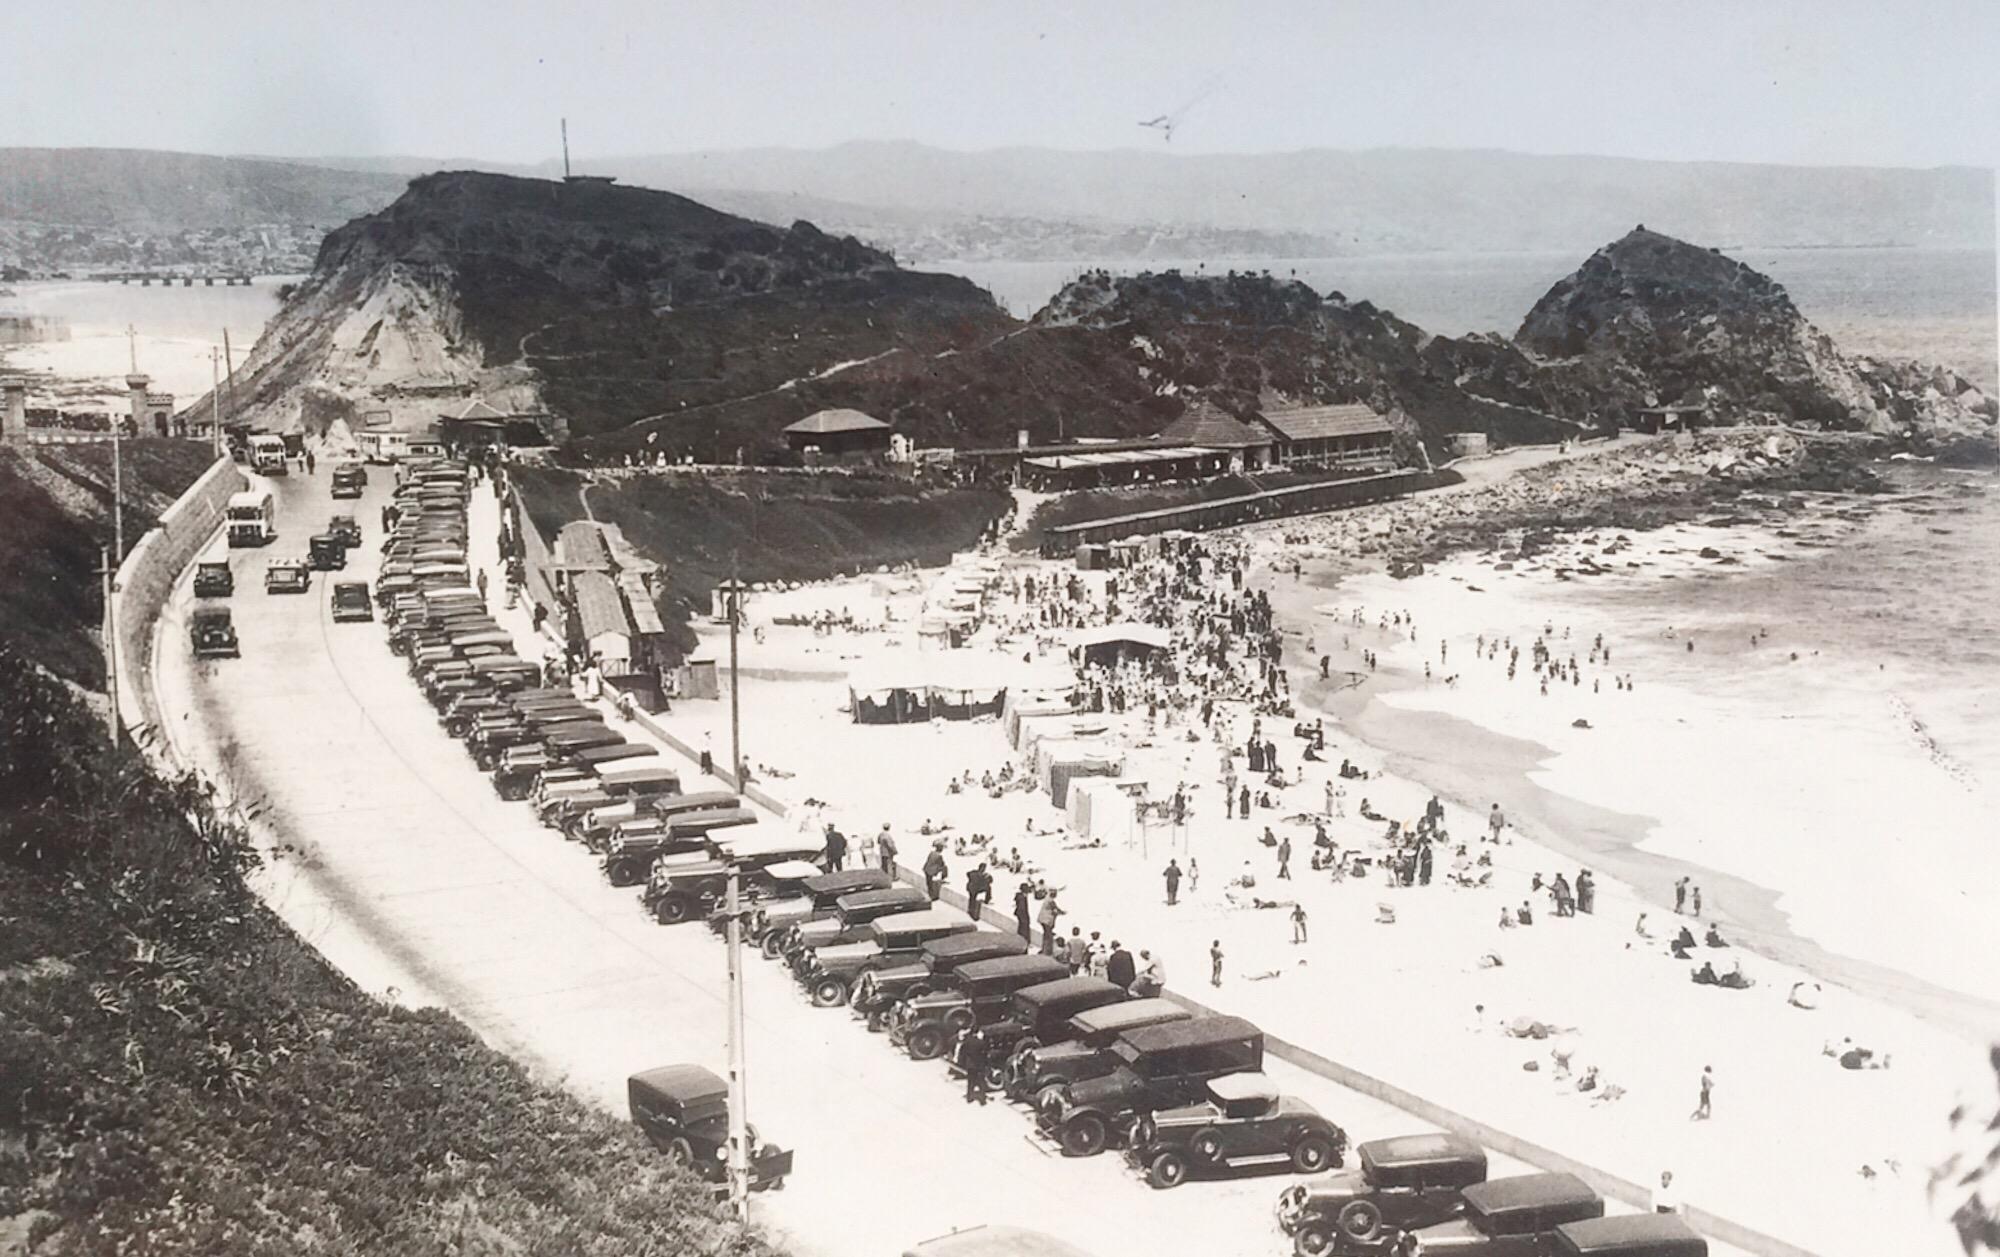 Enterreno - Fotos históricas de chile - fotos antiguas de Chile - Playa Las Salinas en 1930